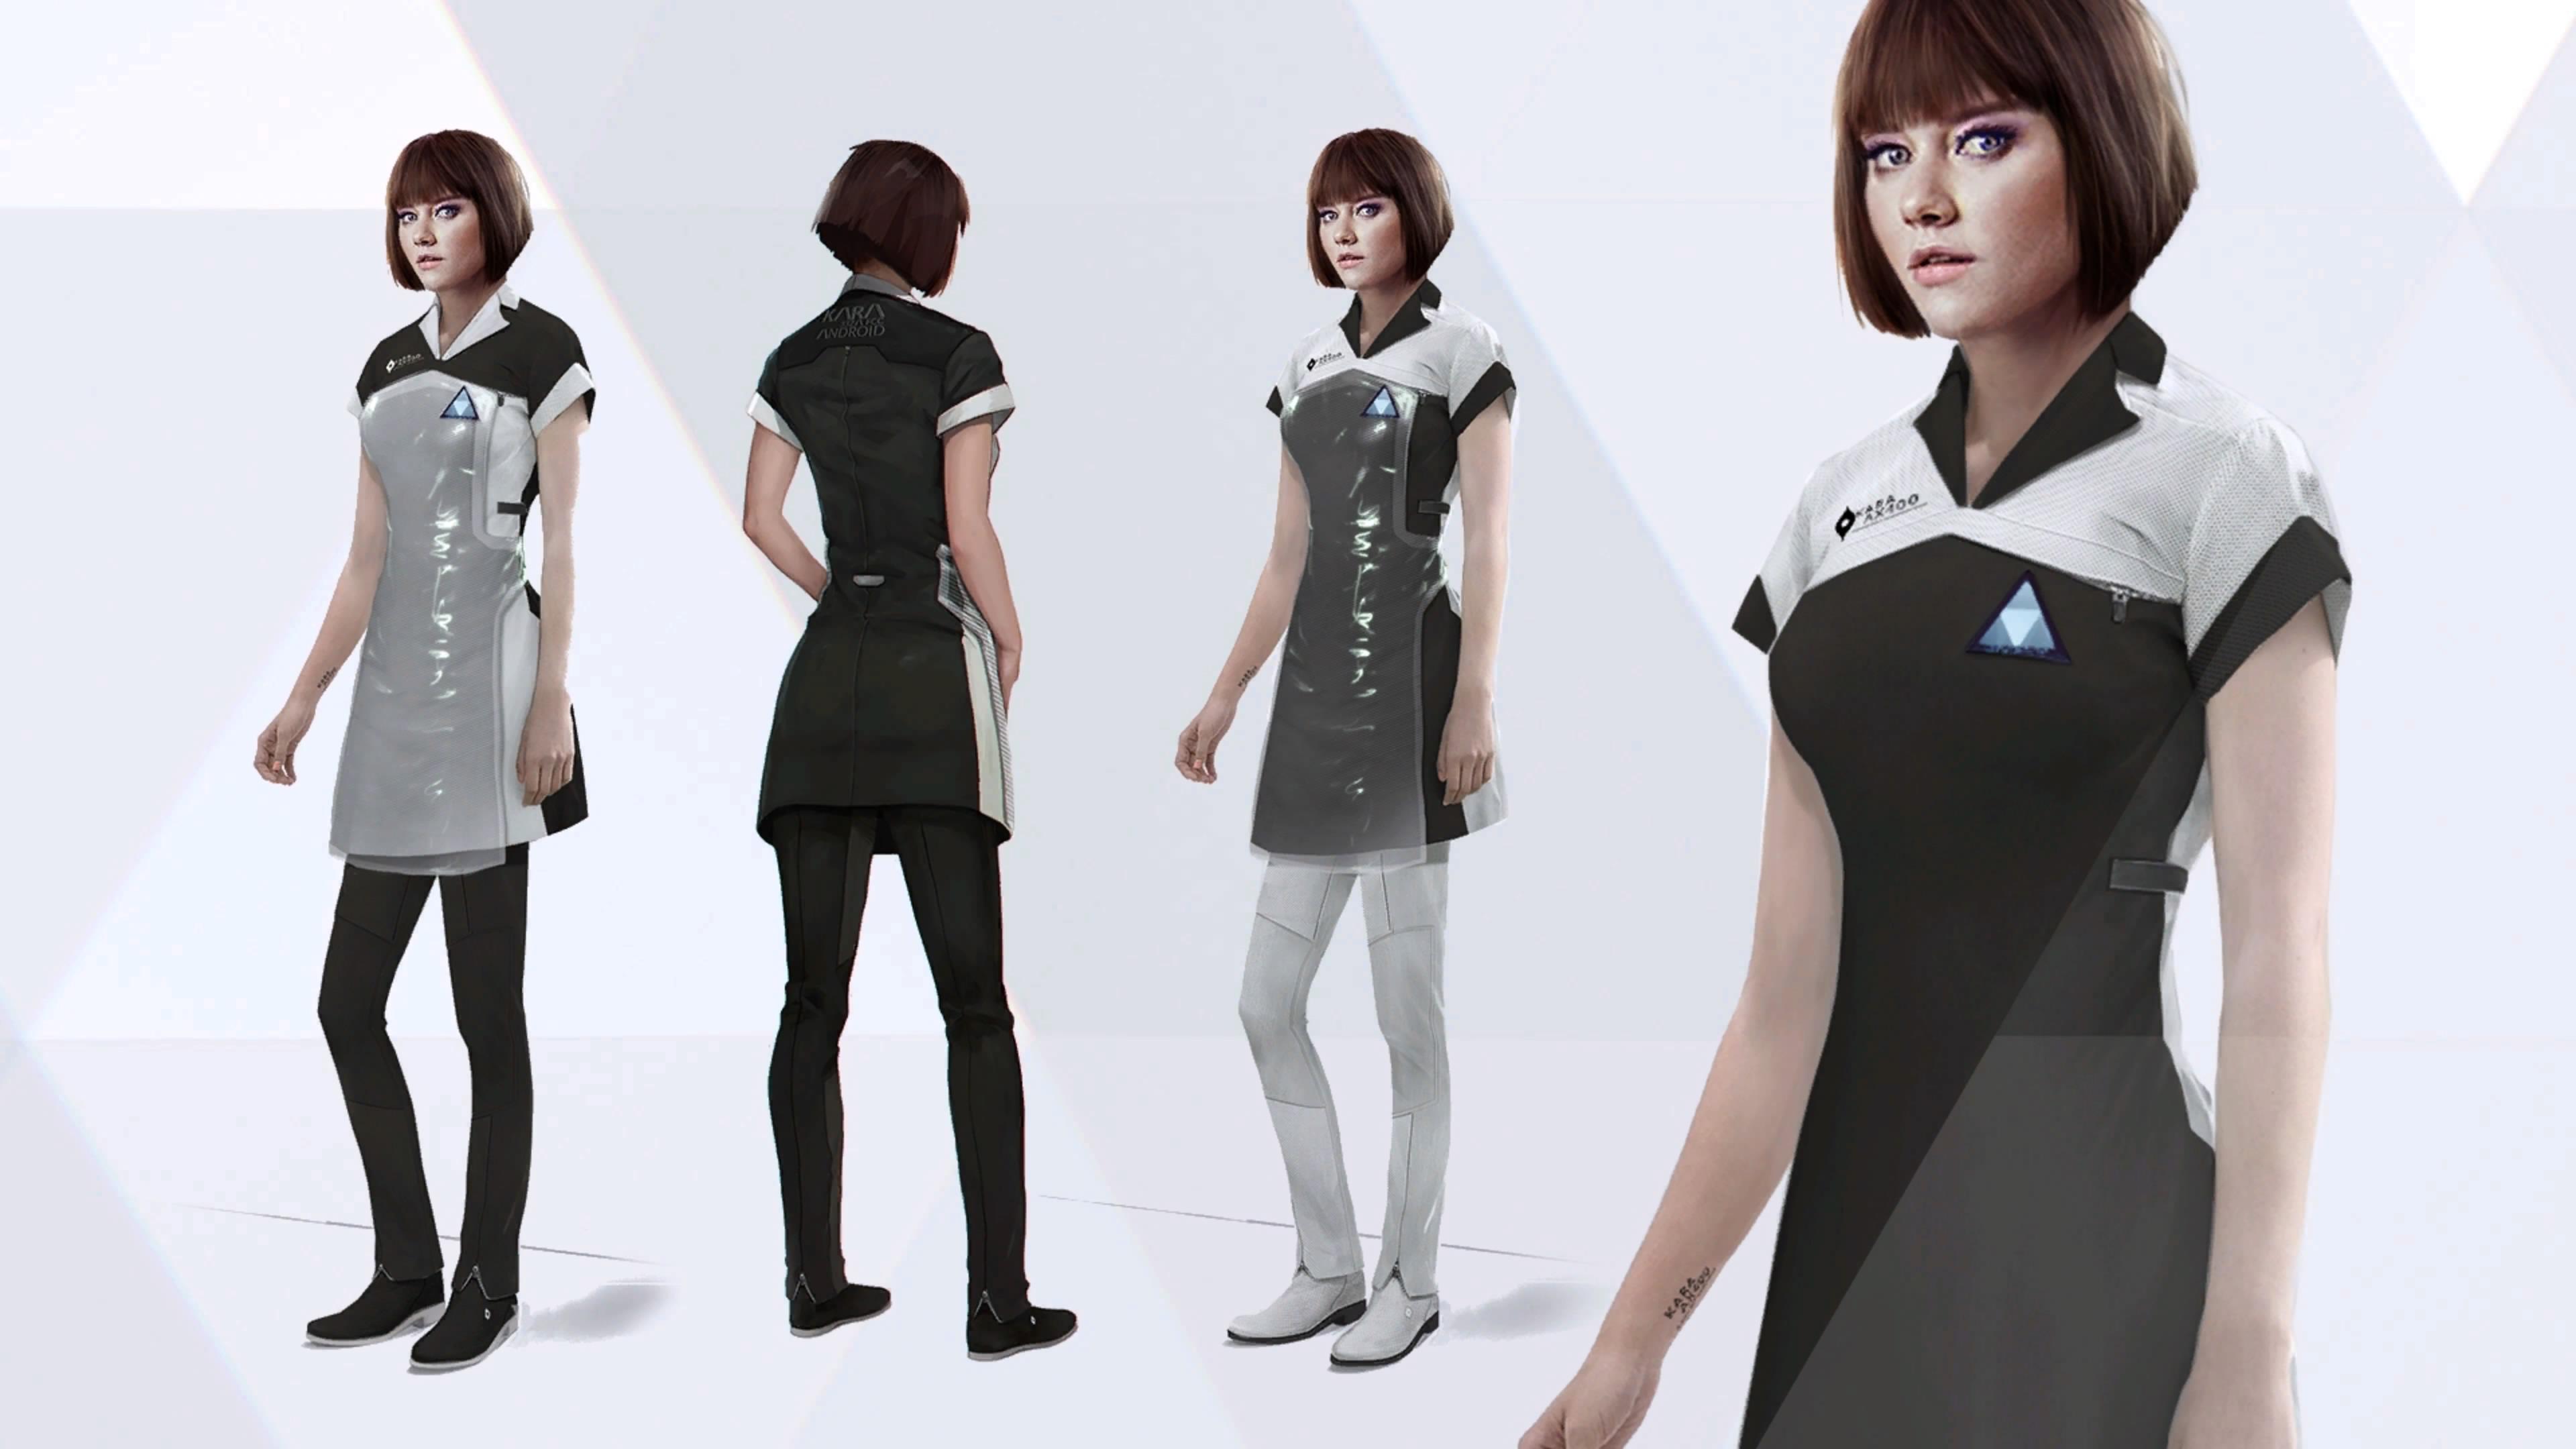 Detroit Become Human – PS4 screenshot 08.jpg